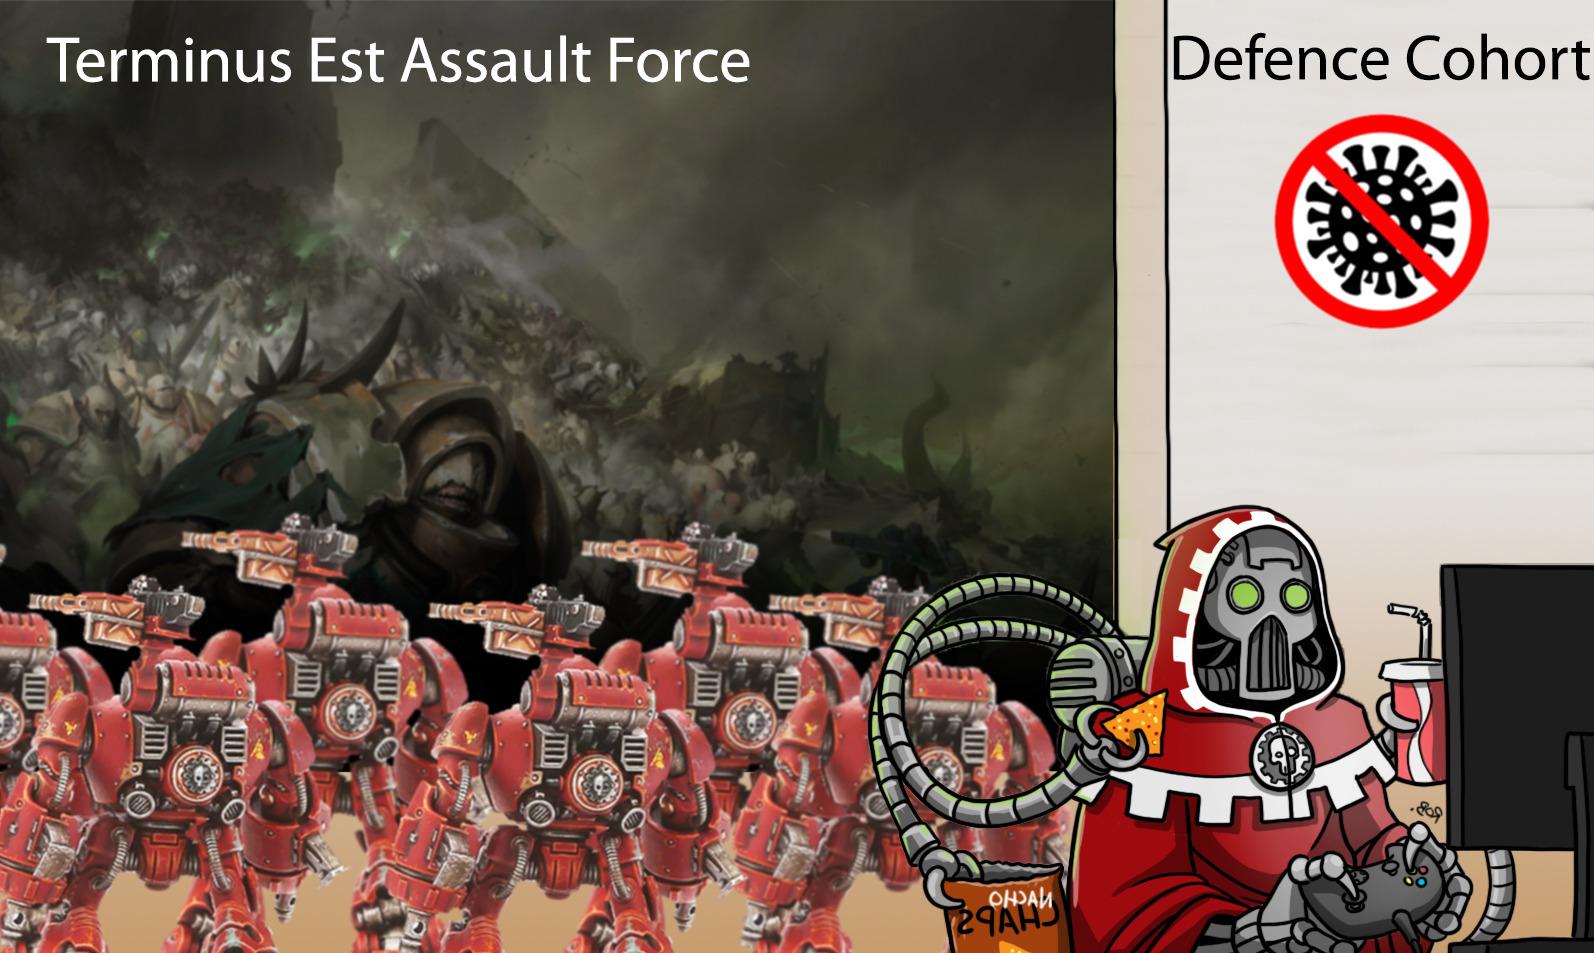 defensecohortayj18.jpeg